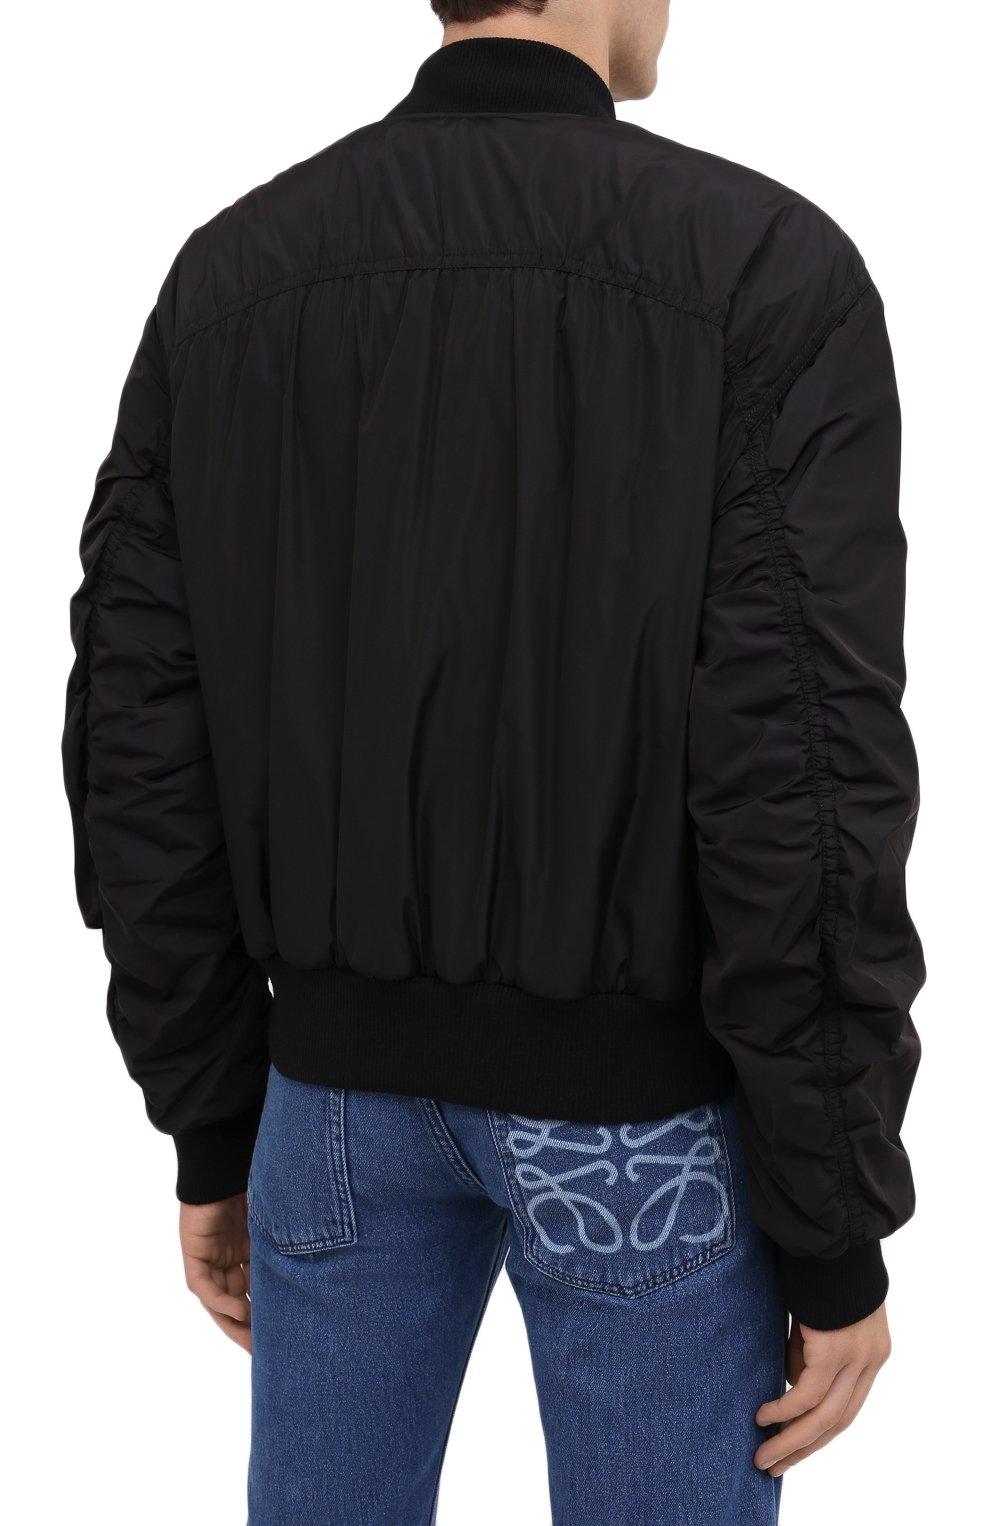 Мужской бомбер DRIES VAN NOTEN черного цвета, арт. 202-20503-1314   Фото 5 (Кросс-КТ: Куртка; Рукава: Длинные; Принт: Без принта; Материал внешний: Синтетический материал; Мужское Кросс-КТ: Верхняя одежда; Длина (верхняя одежда): Короткие; Стили: Кэжуэл)